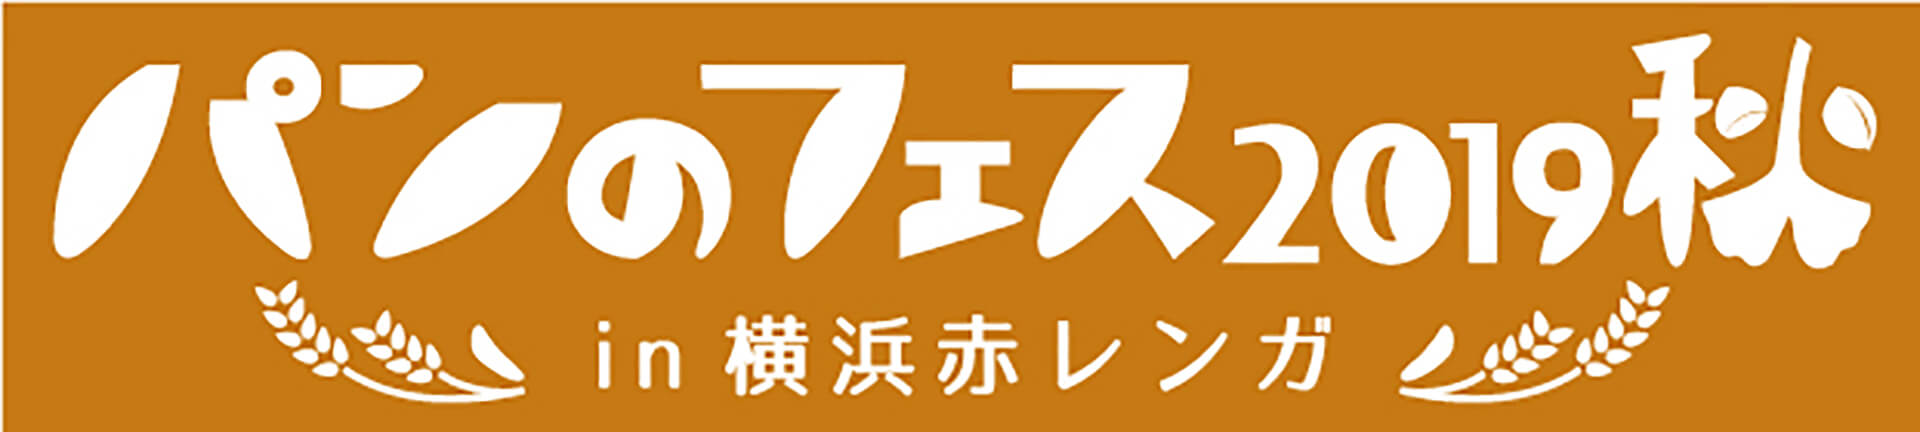 パンのフェス 2019 秋 in 横浜赤レンガのバーナー。イベントタイトル